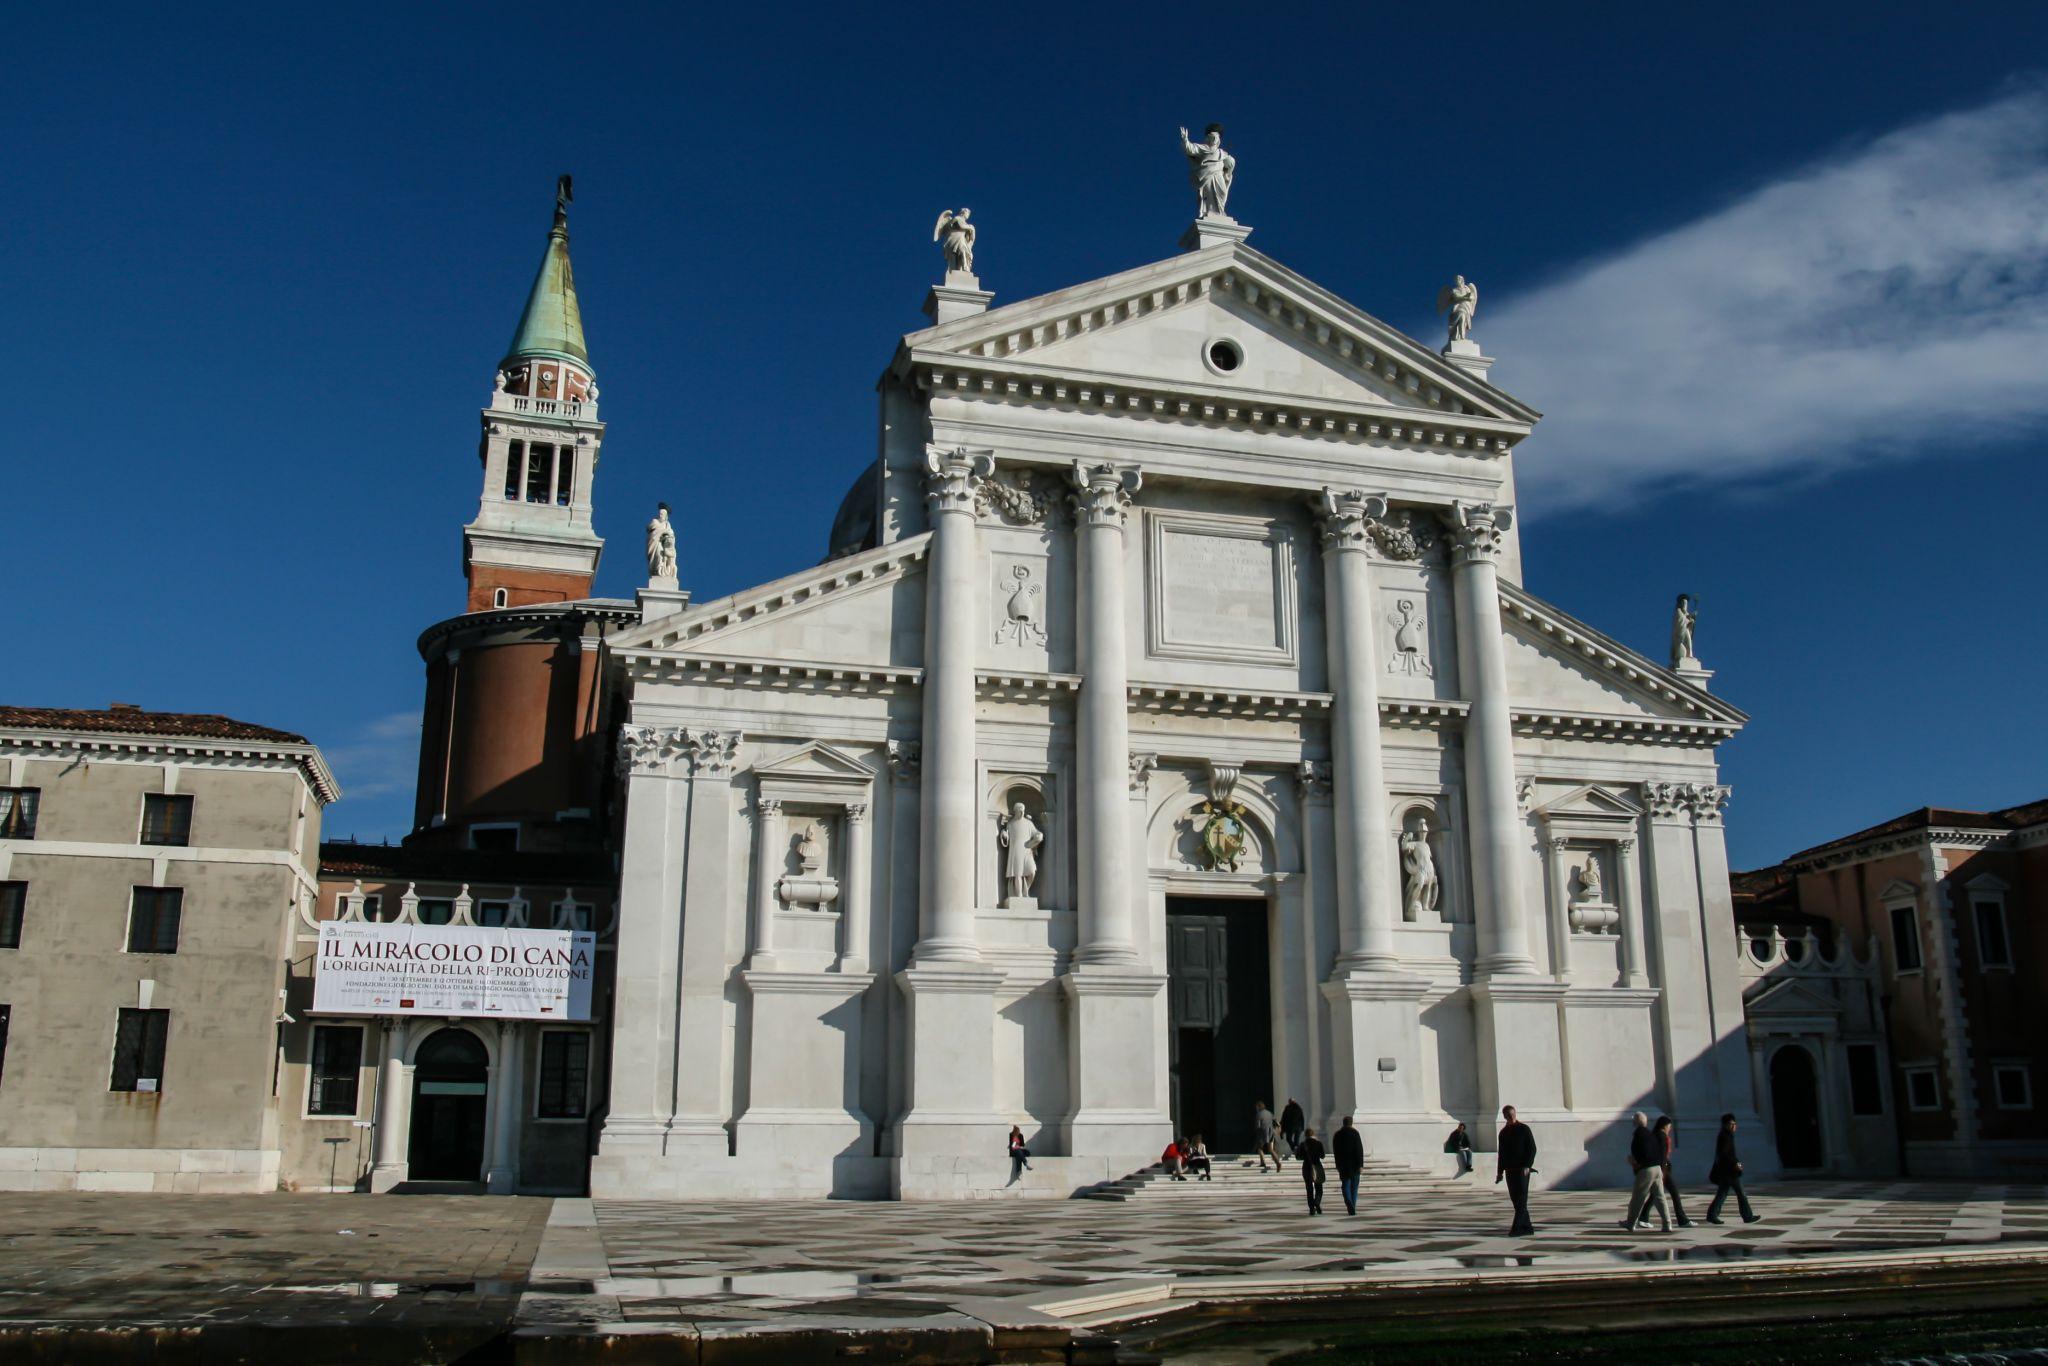 Chiesa di San Giorgio Maggiore, Italy